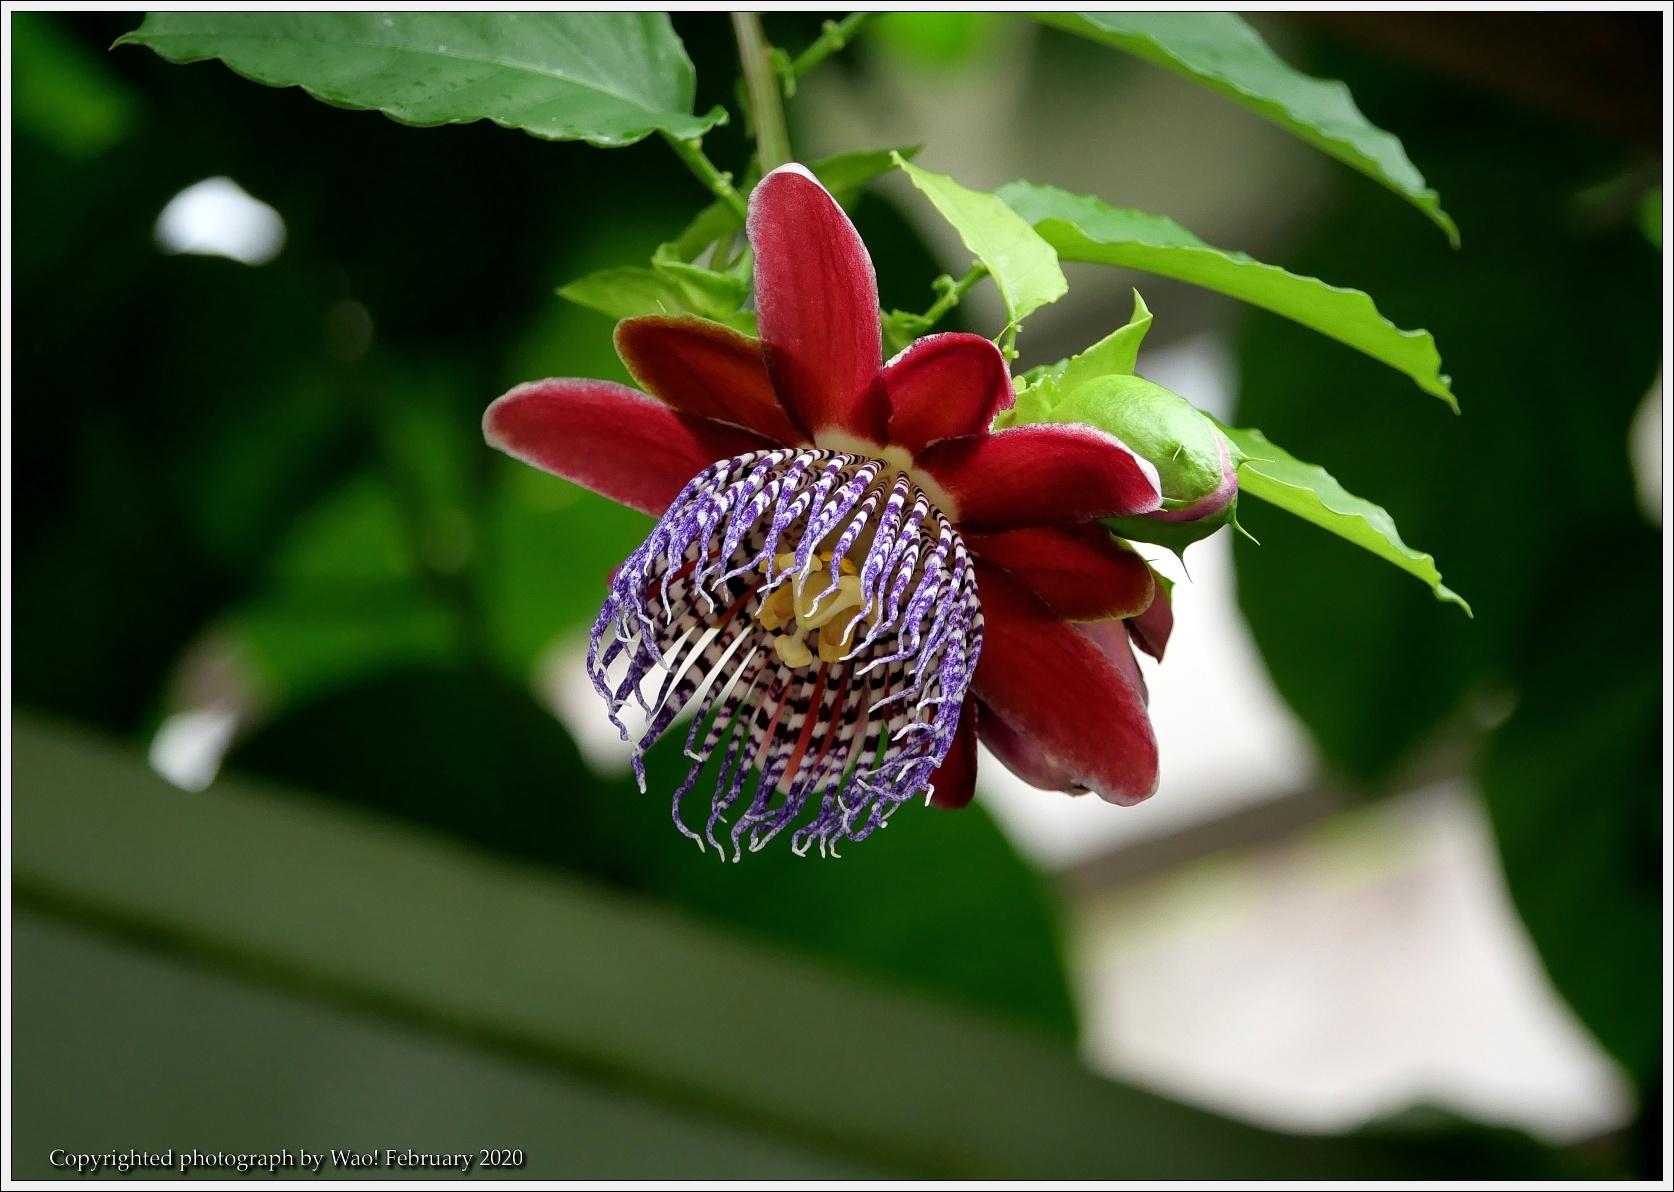 冬のバラと温室の花と蝶_c0198669_14042012.jpg